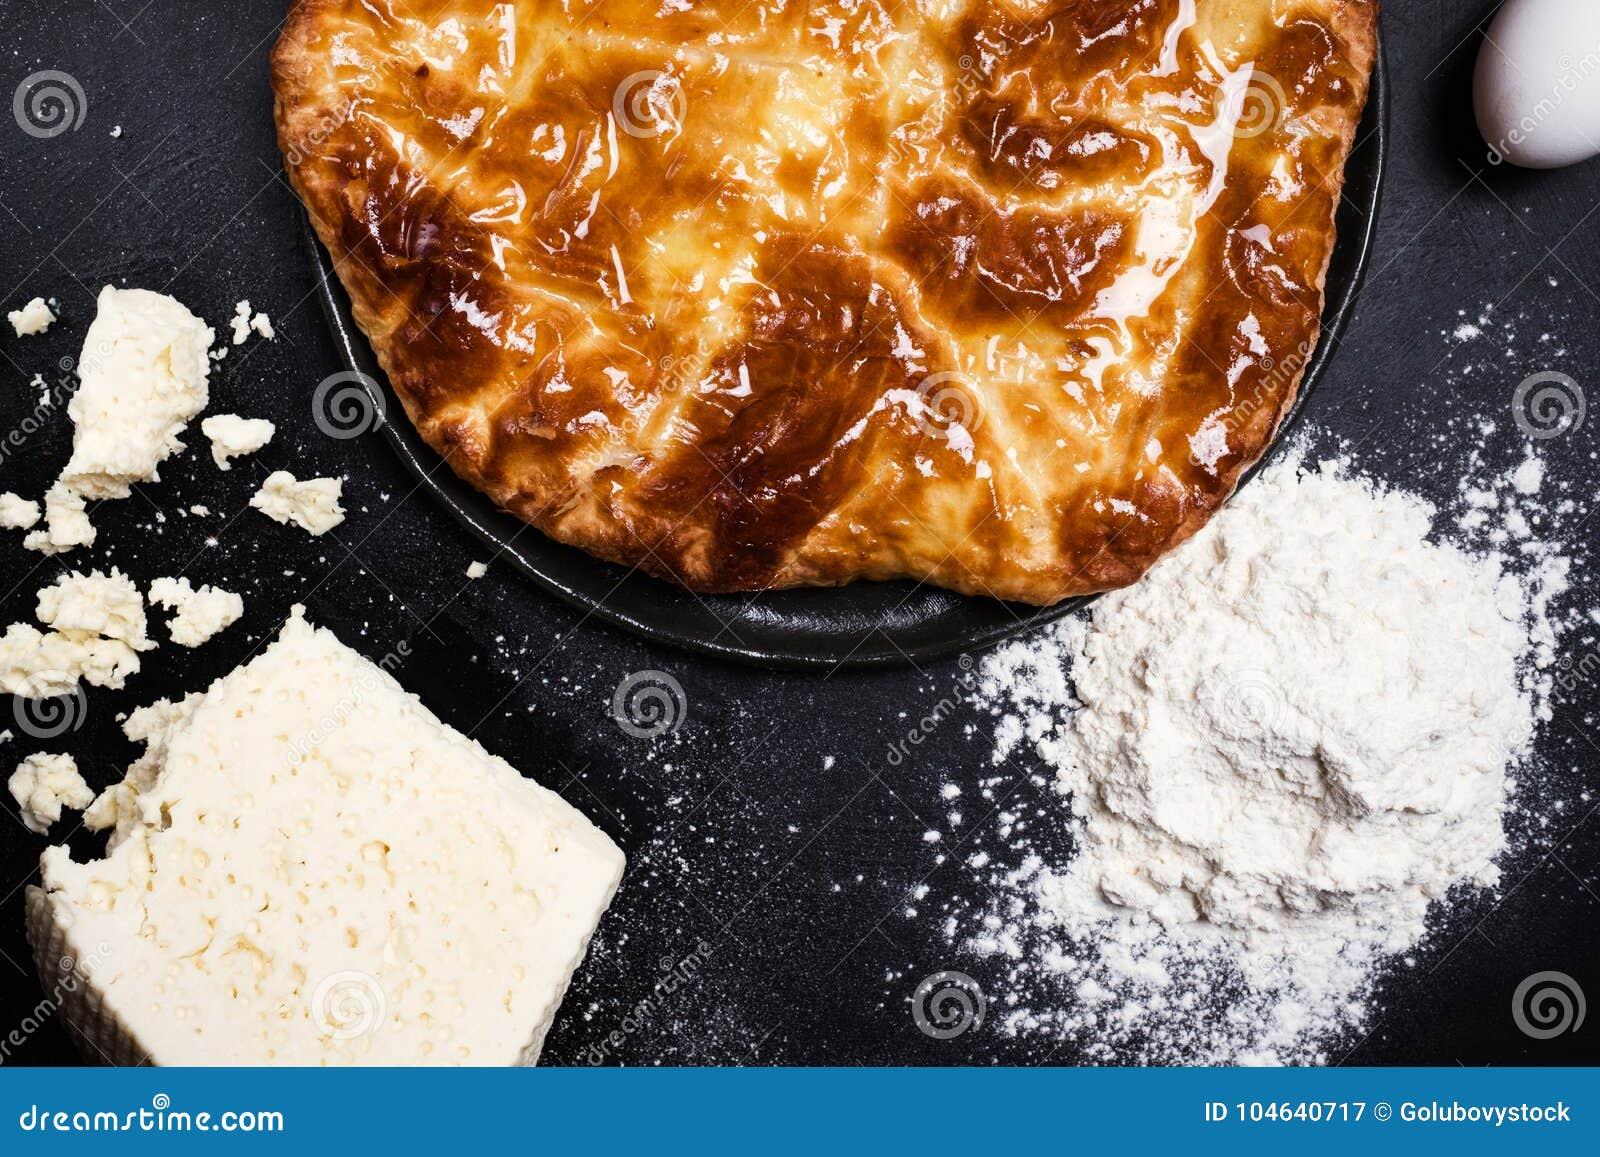 Download Georgische Keuken Klaar Gemaakte Khachapuri Stock Afbeelding - Afbeelding bestaande uit voeding, schotel: 104640717